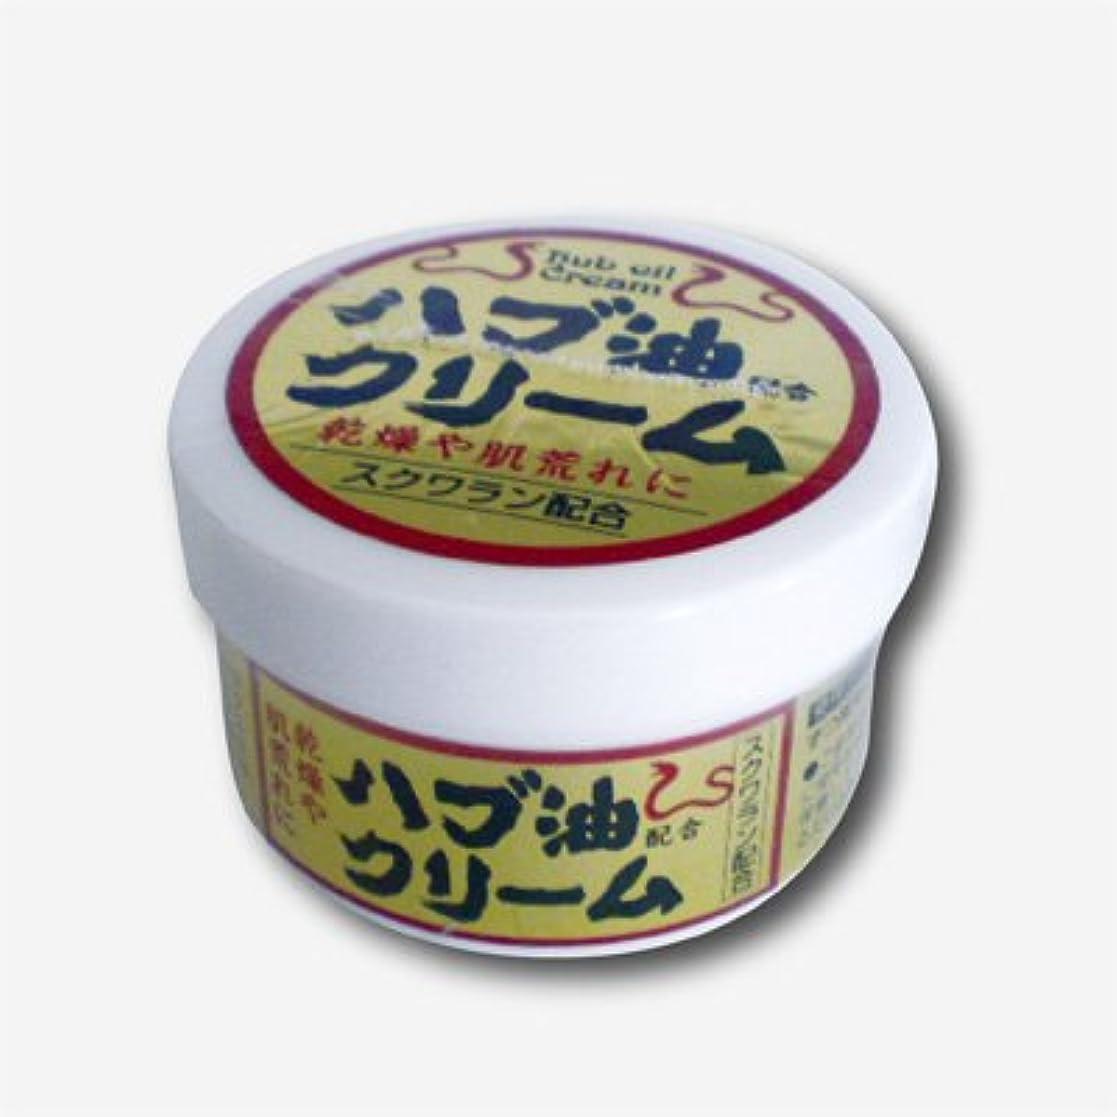 主婦天井精神的にハブ油配合クリーム 10個【1個?50g】